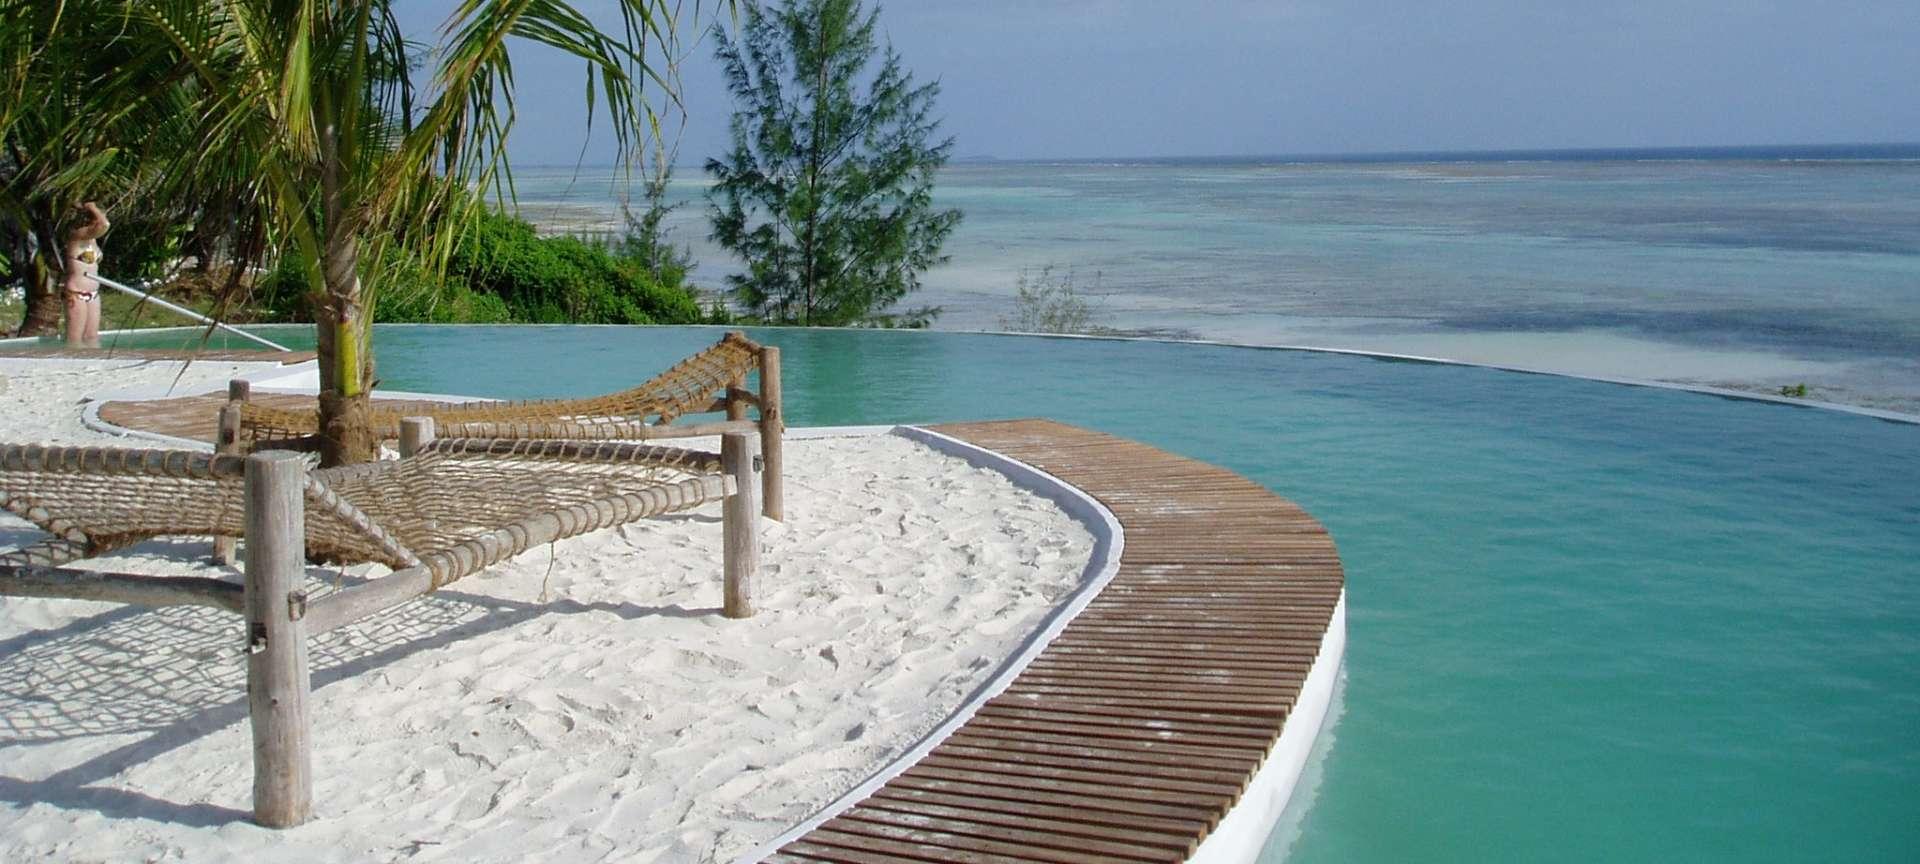 Shooting Star Lodge is the epitome of Zanzibar luxury